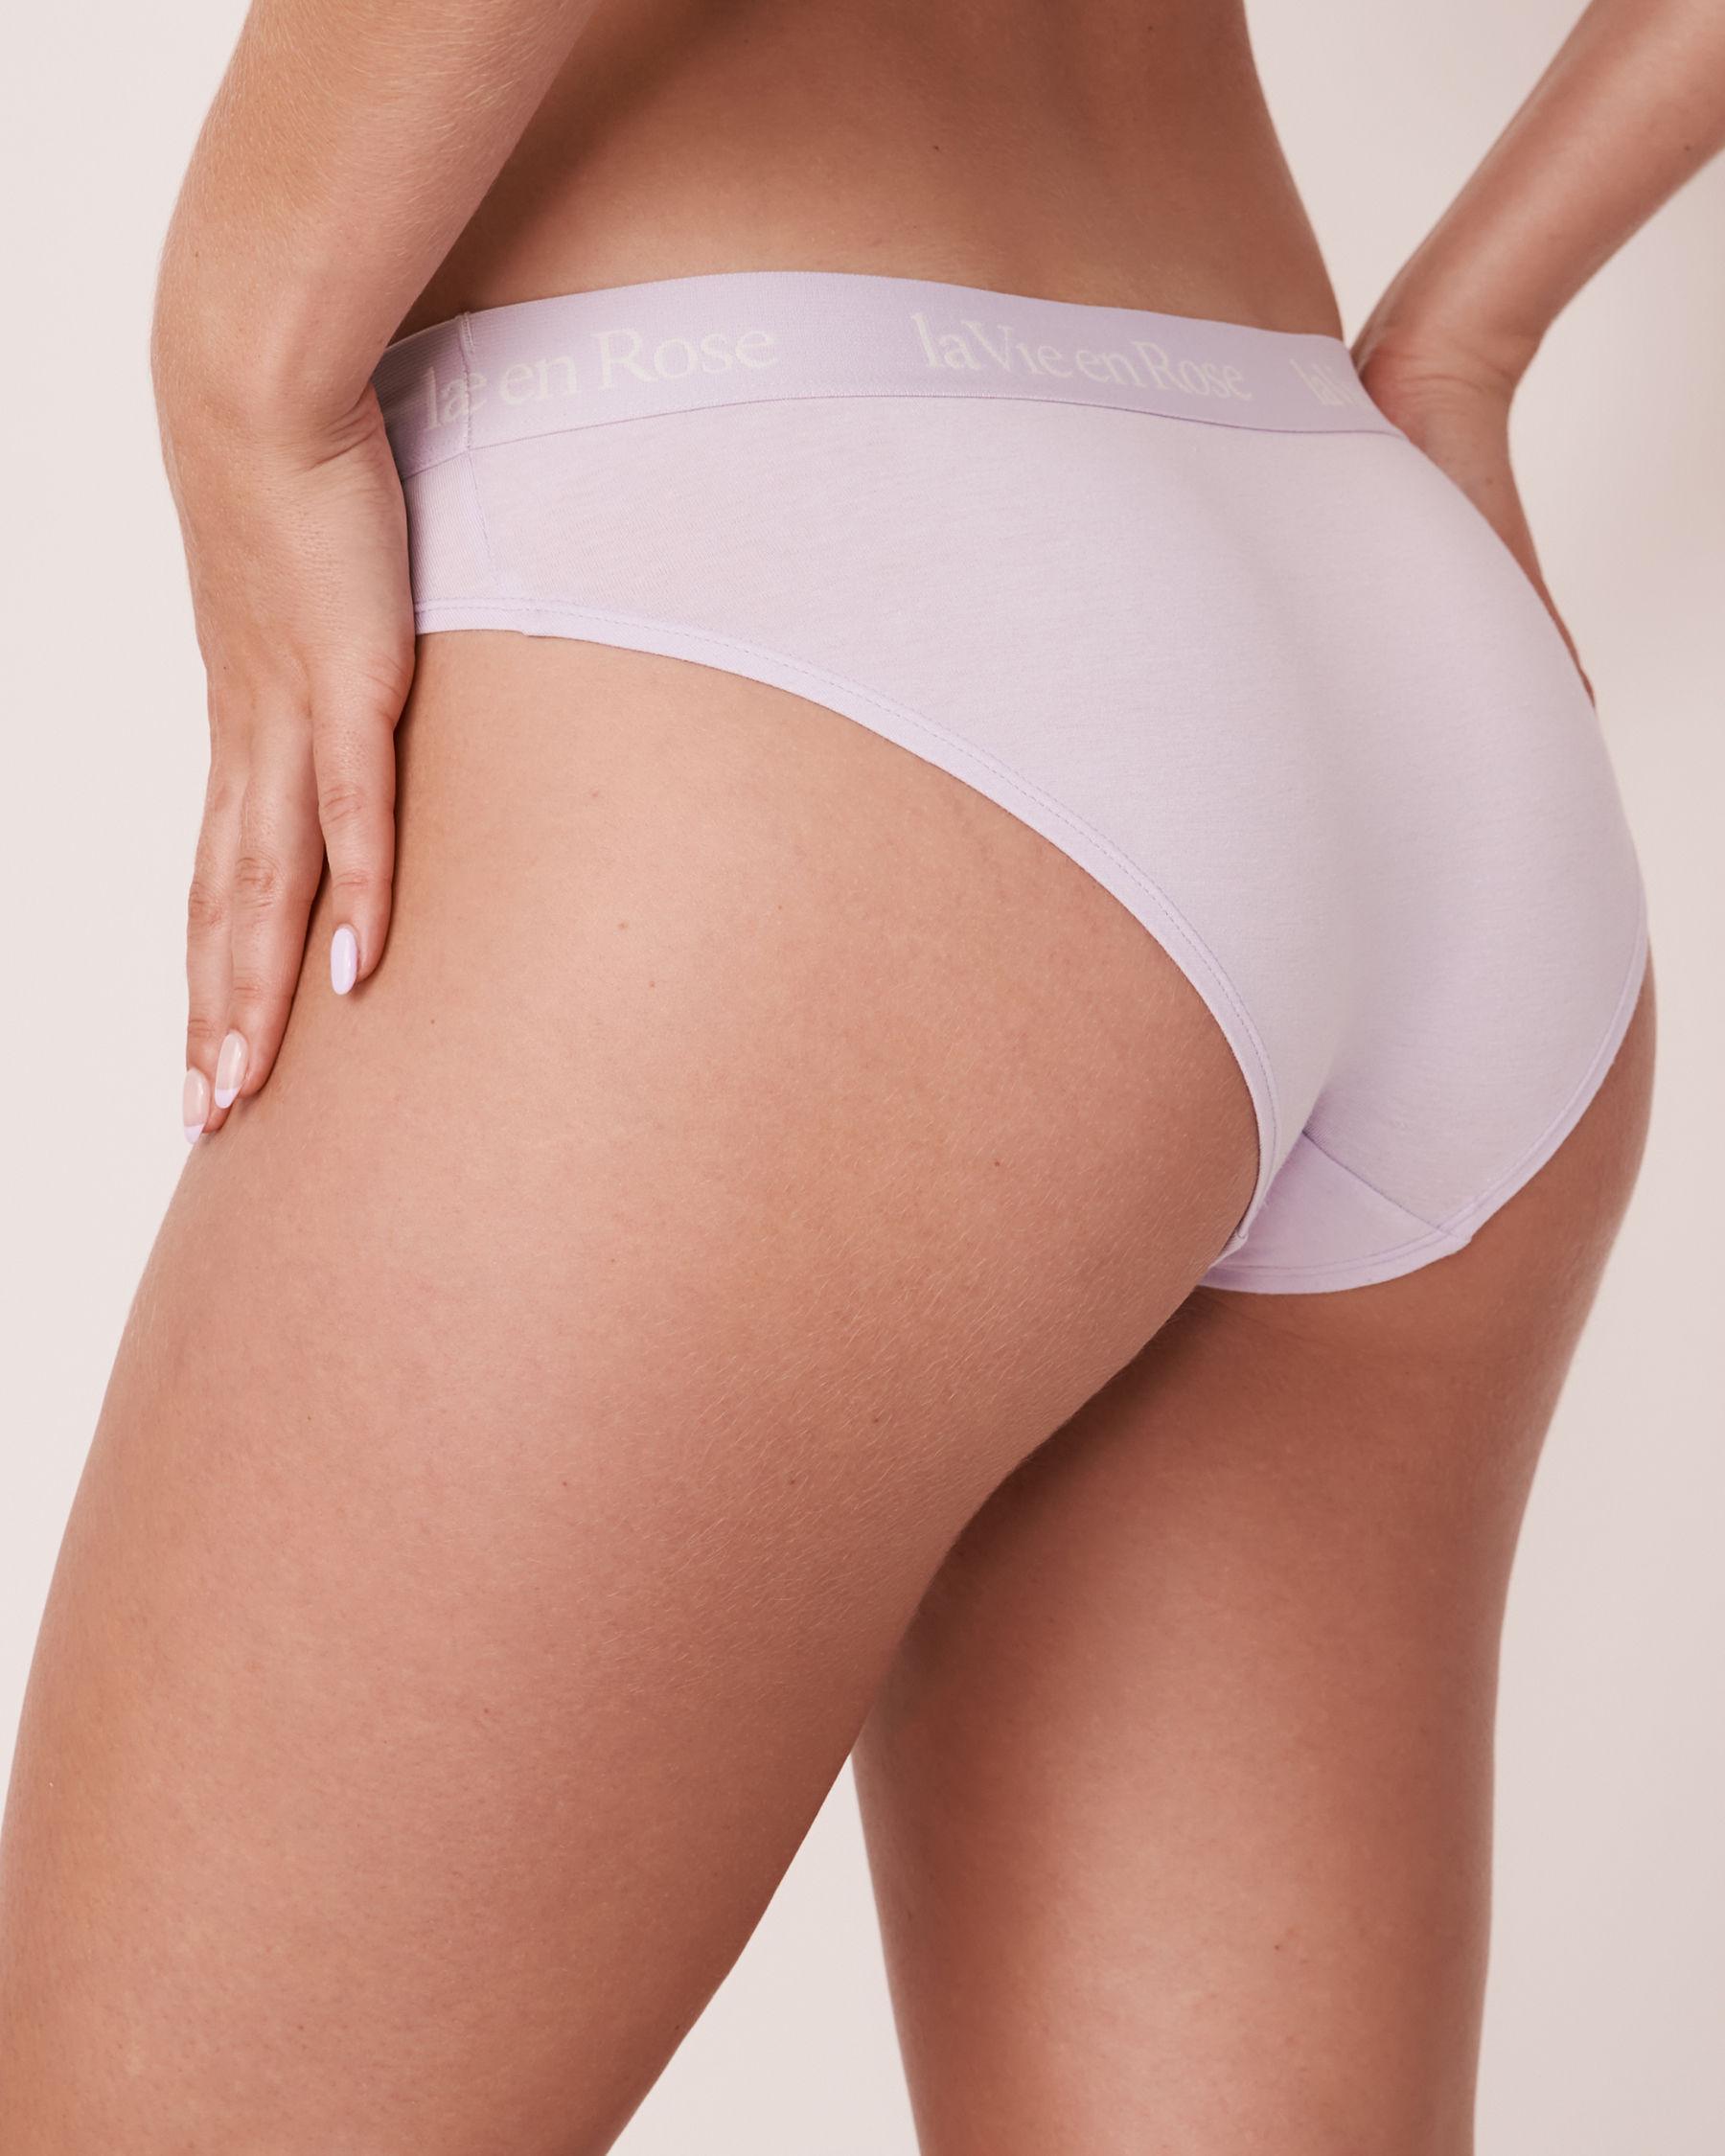 LA VIE EN ROSE Bikini Panty Light lilac 20100069 - View2